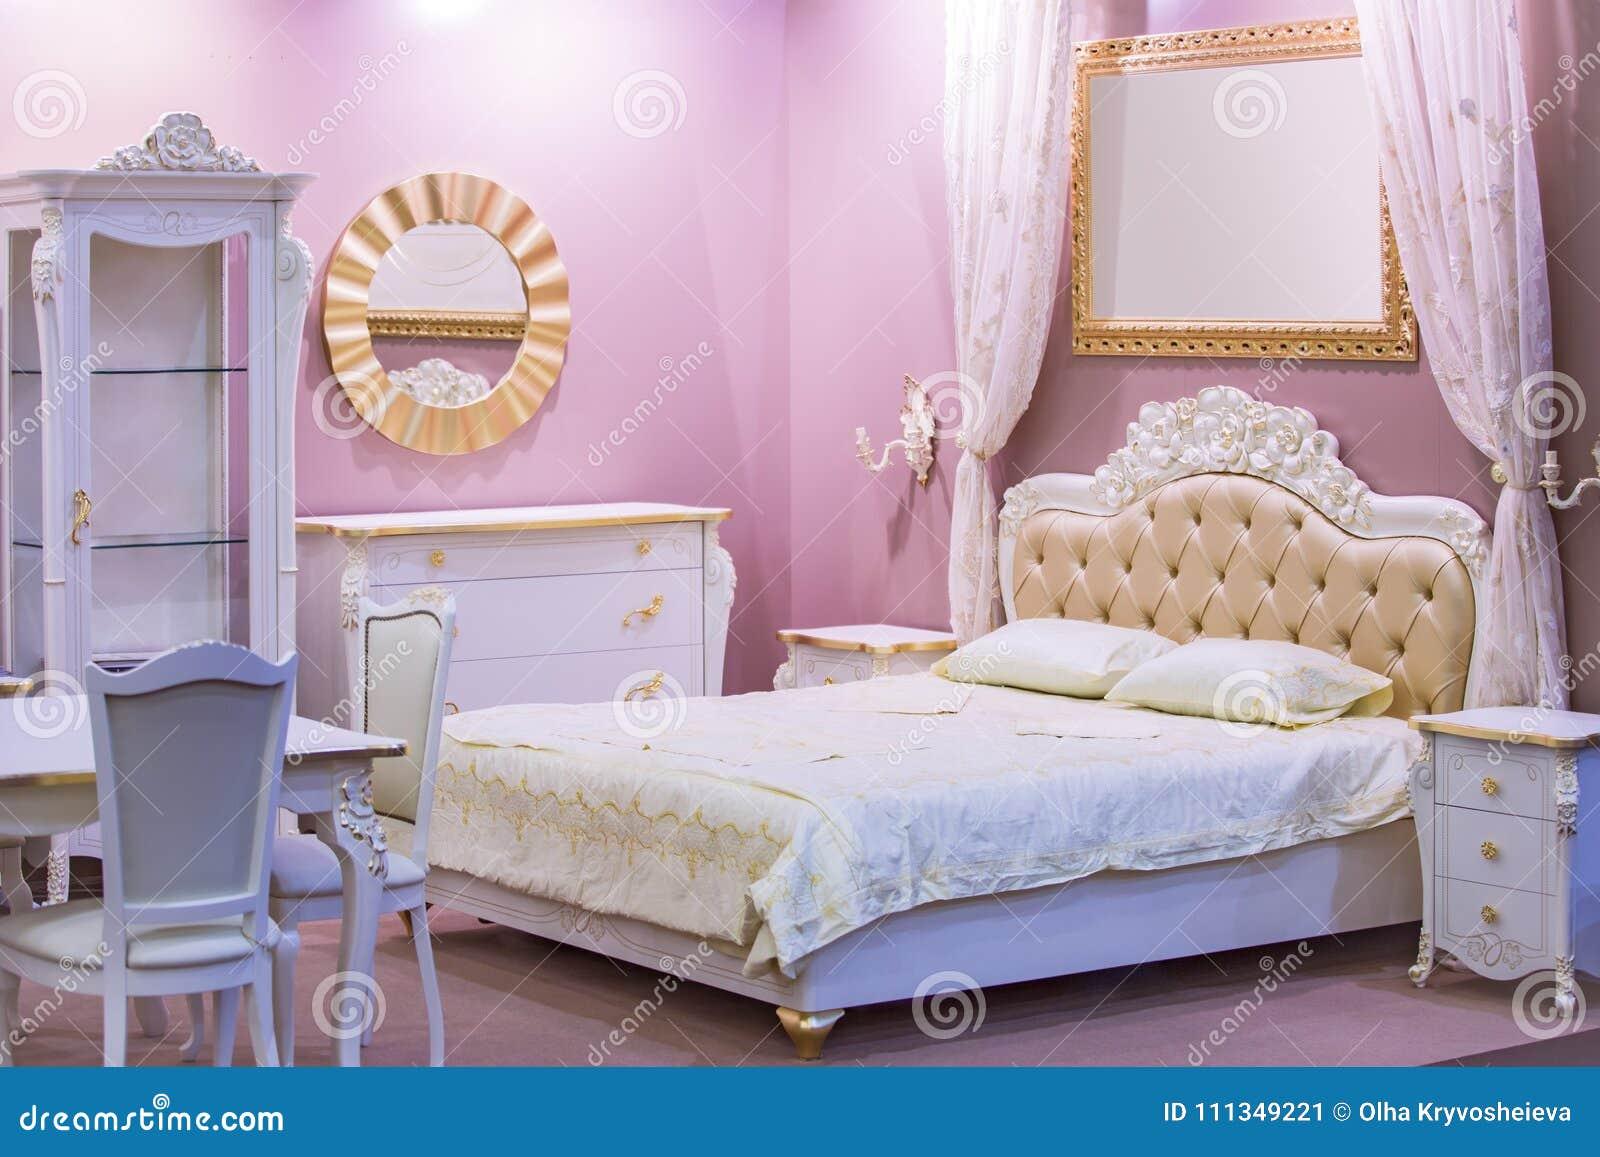 Camera Matrimoniale Stile Antico.Camera Da Letto Bianca E Rosa Di Lusso Nello Stile Antico Con La